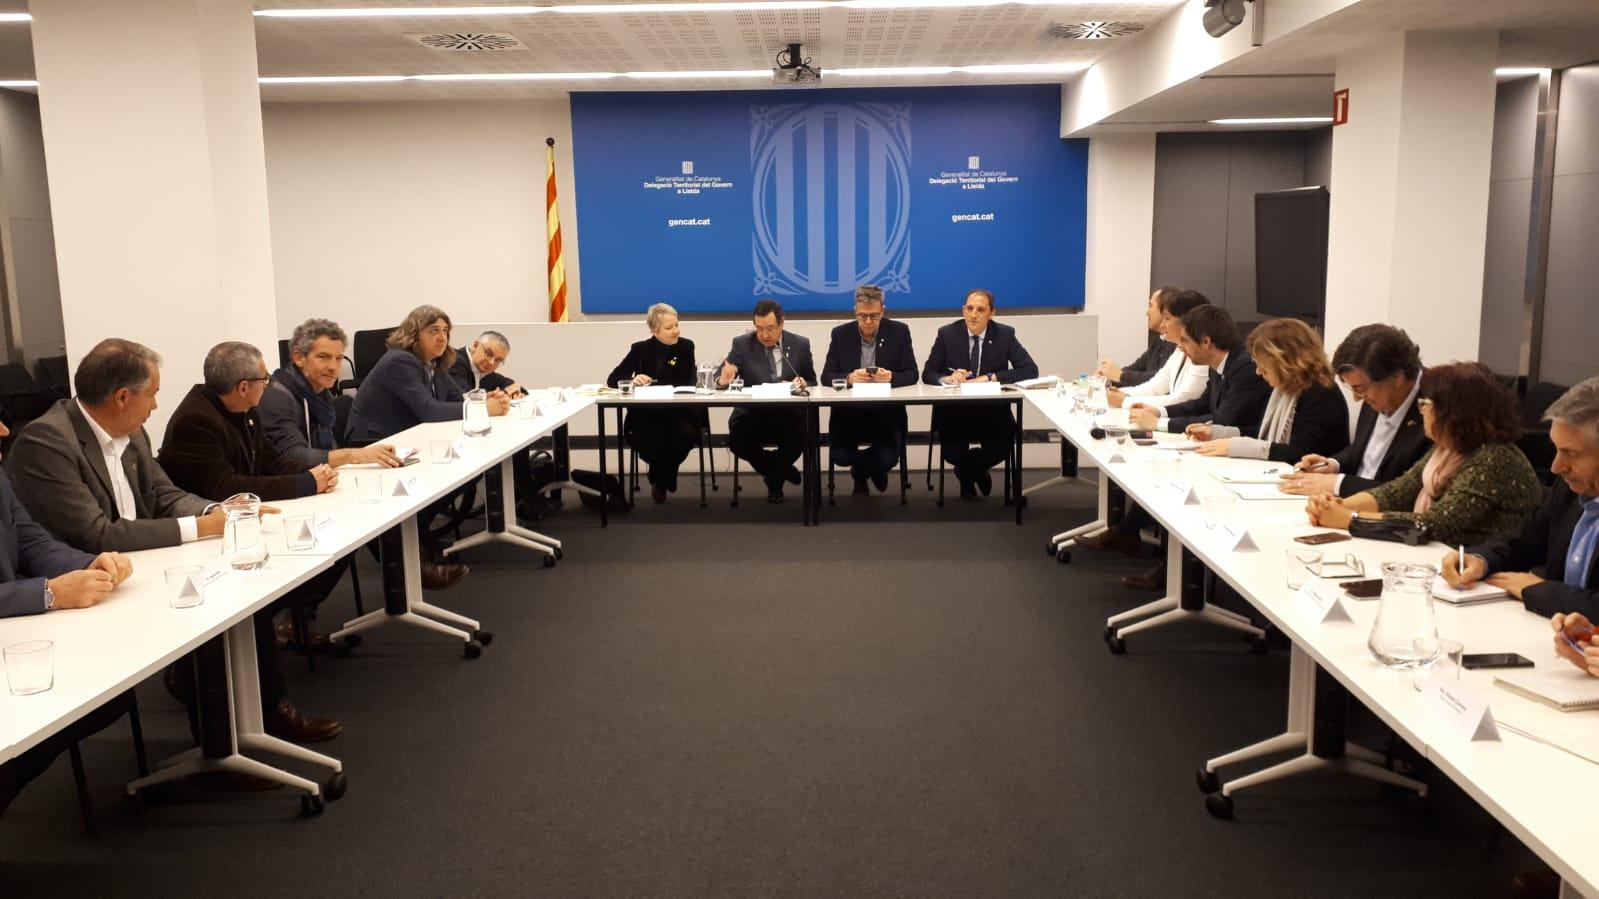 La Generalitat destina fins ara 8,8 milions d'euros a la reparació dels danys provocats per la llevantada